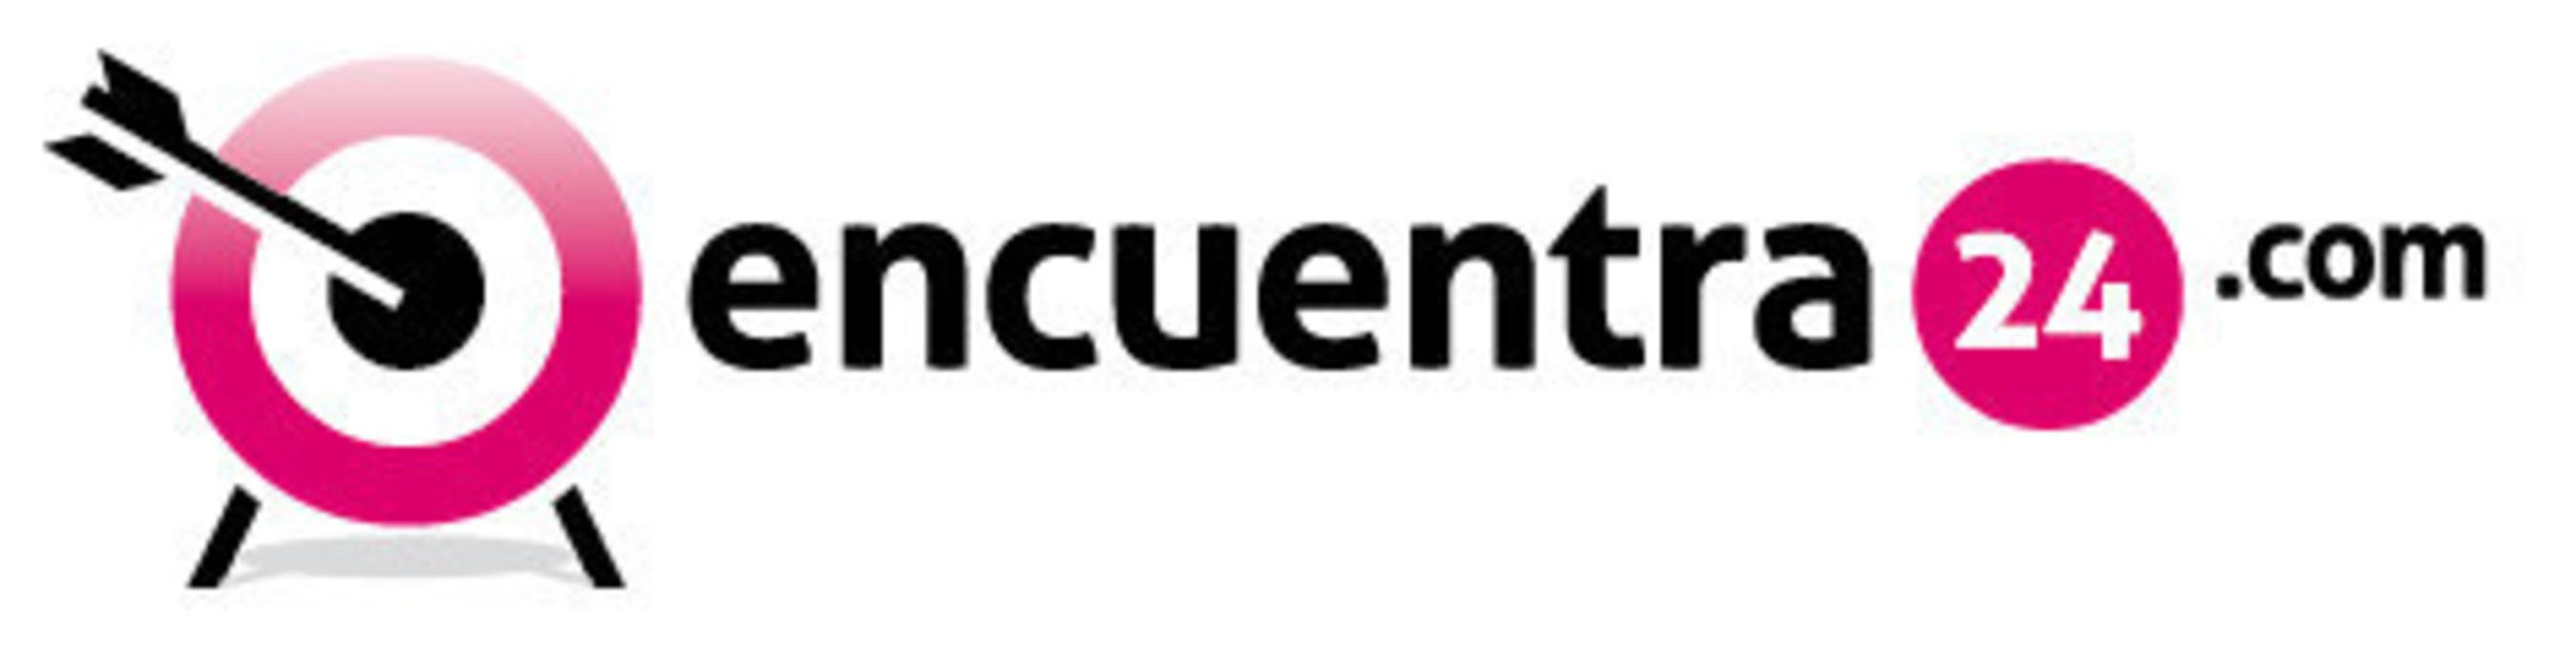 Encuentra24.com logo